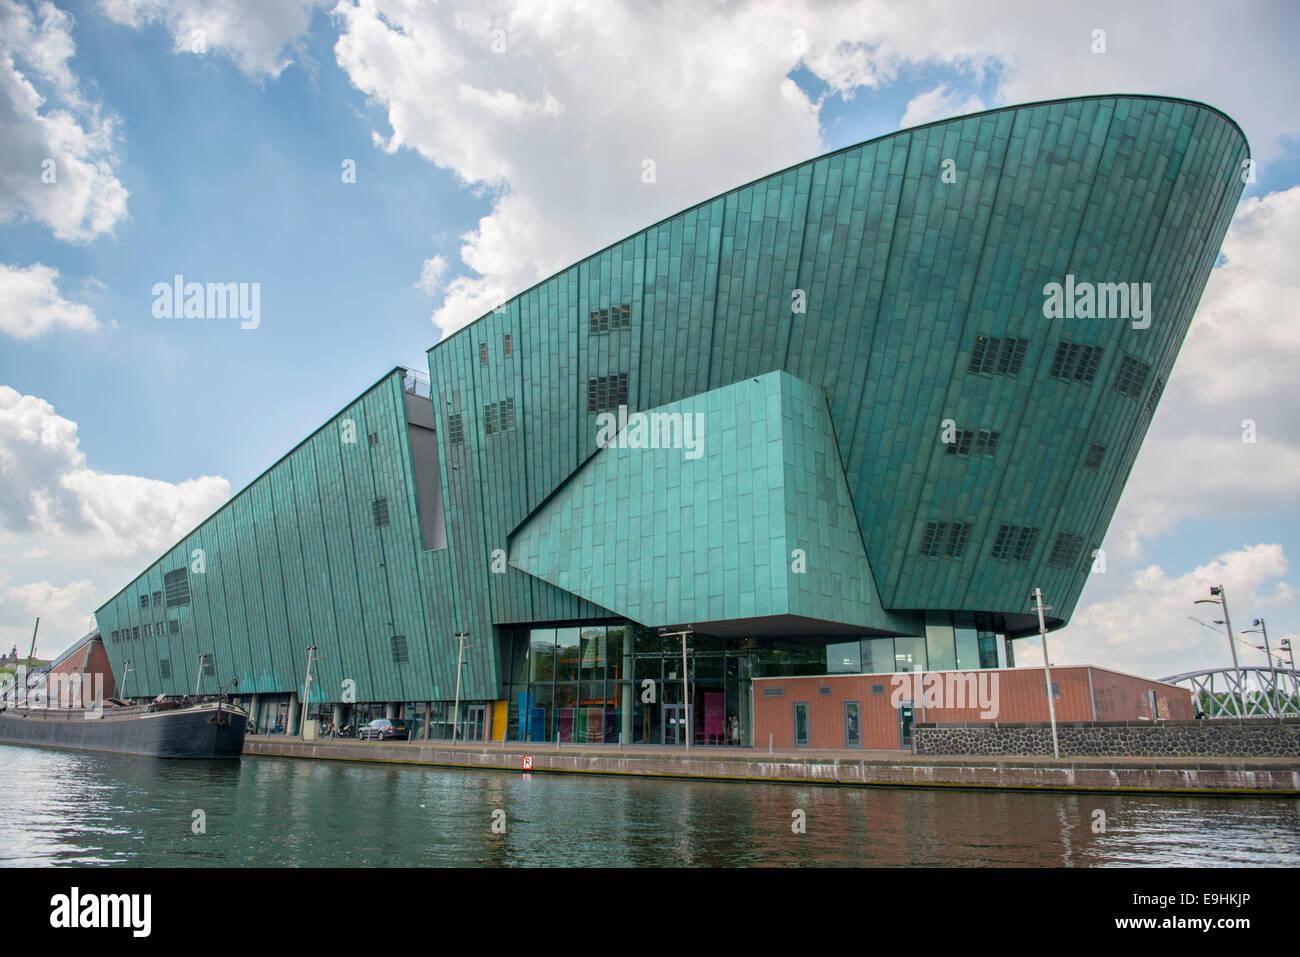 Wissenschaftsmuseum Nemo, die neue Metropole Amsterdam, Niederlande Stockbild